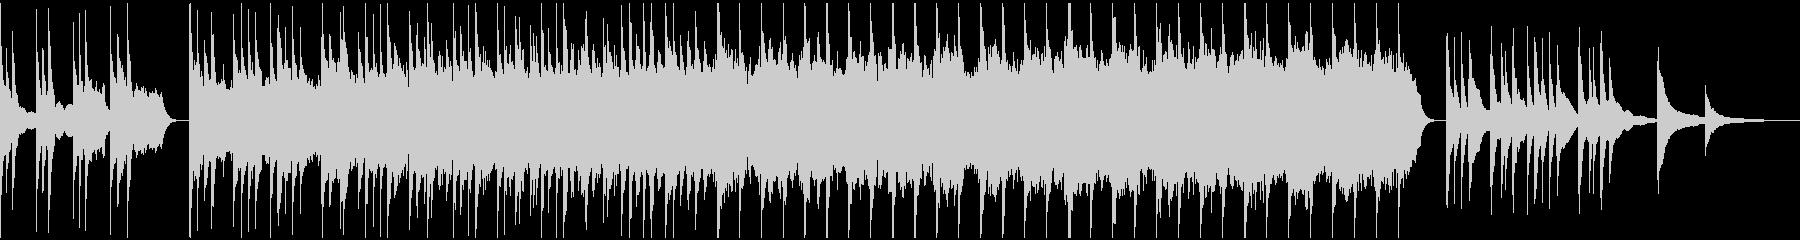 感動的なオーケストラ曲の未再生の波形